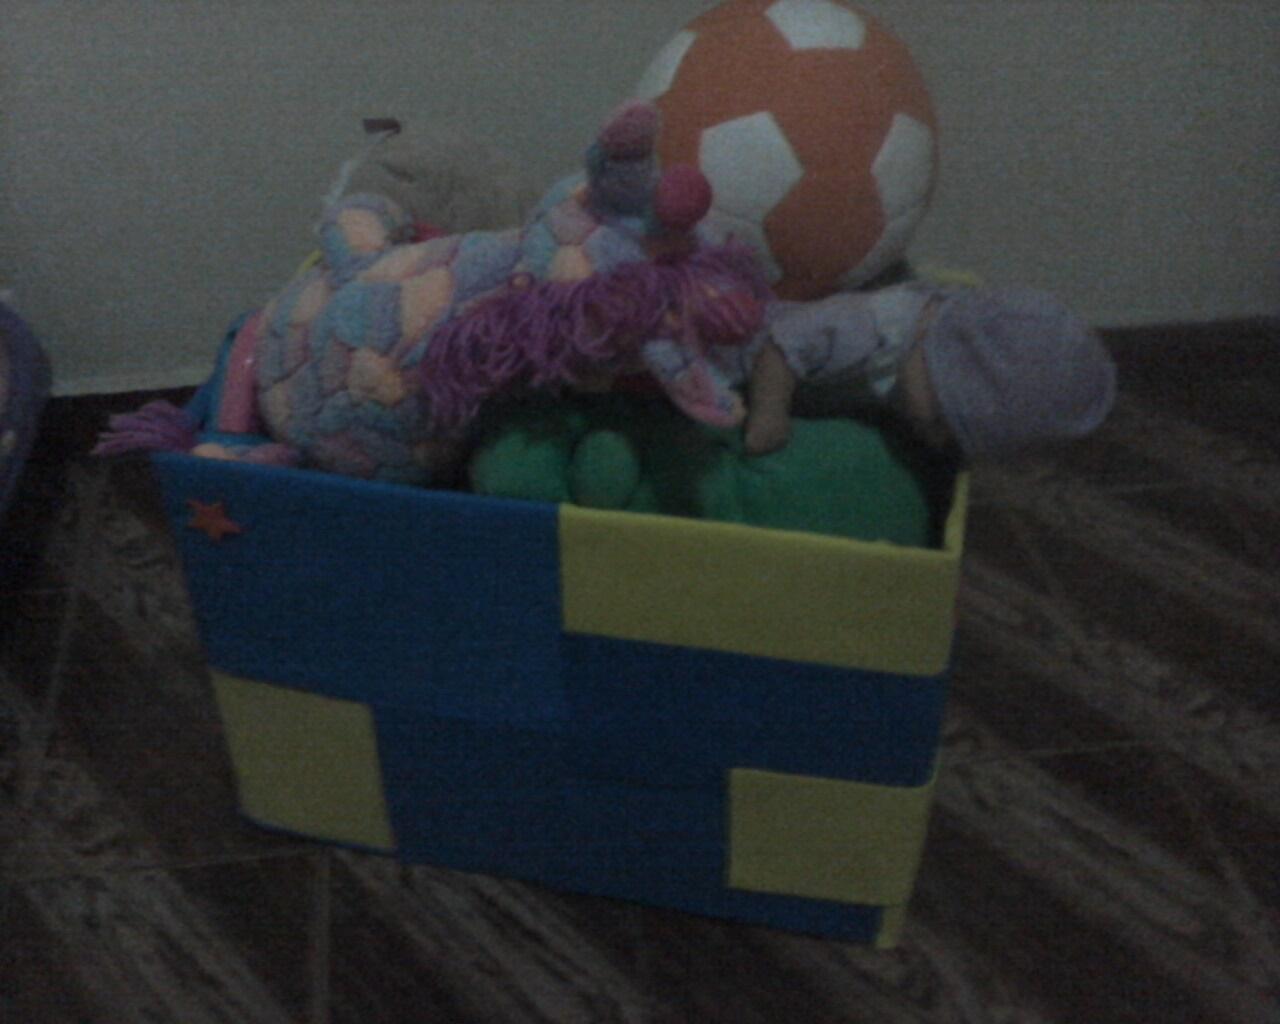 Arteiras: Caixa de papelão encapada para ser caixa de brinquedos #5E443E 1280x1024